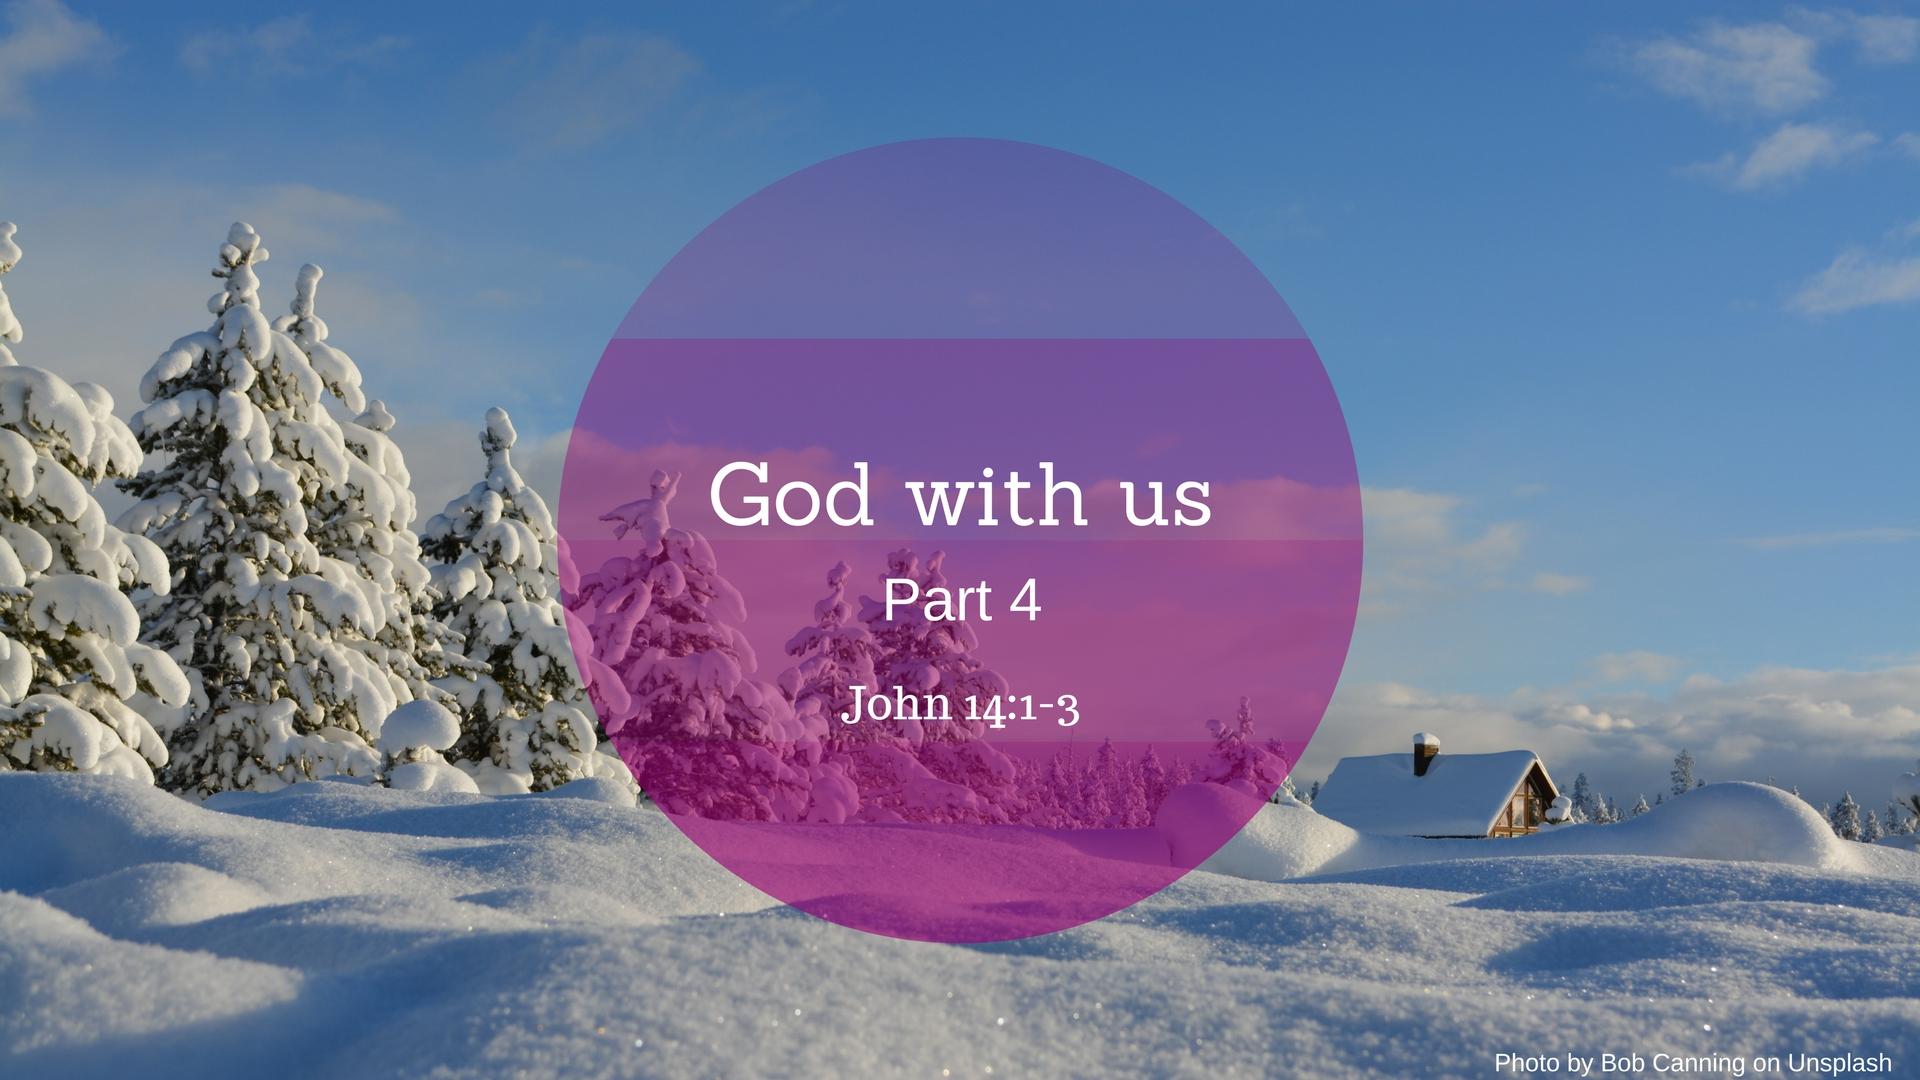 God with us 4.jpg